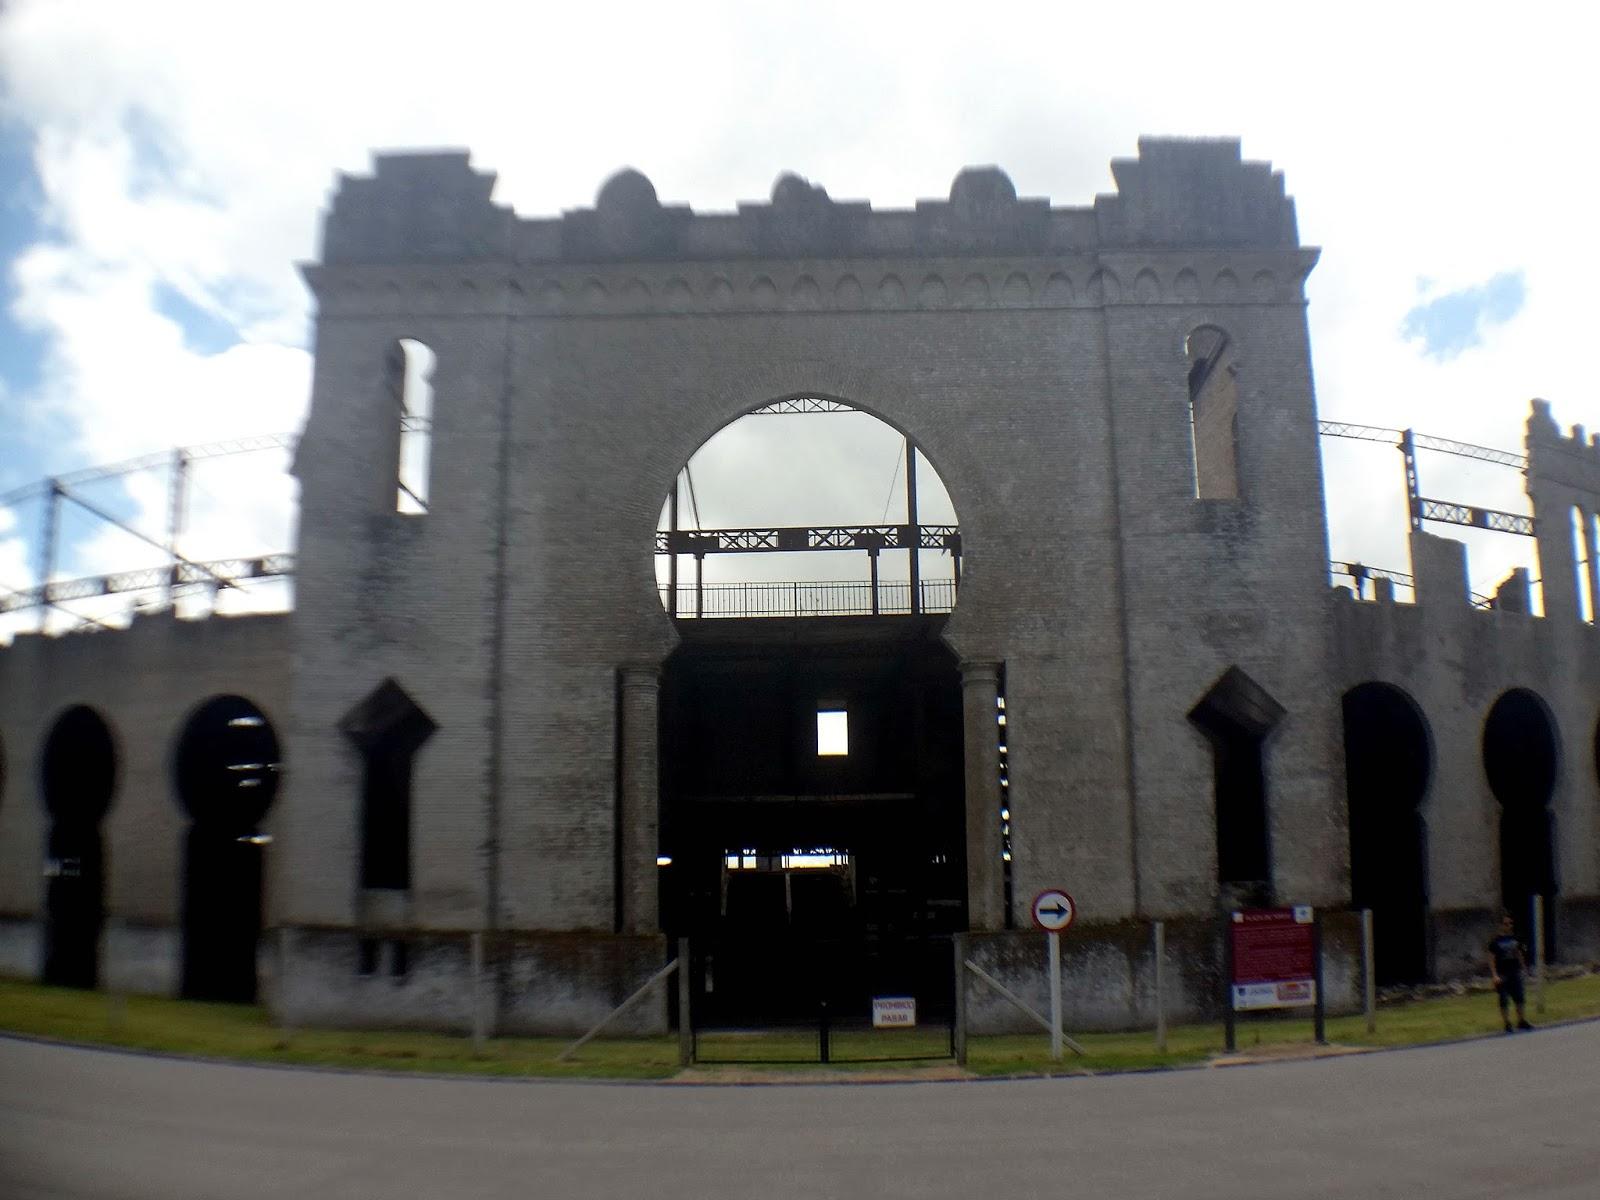 Colonia del Sacramento Plaza de los Toros